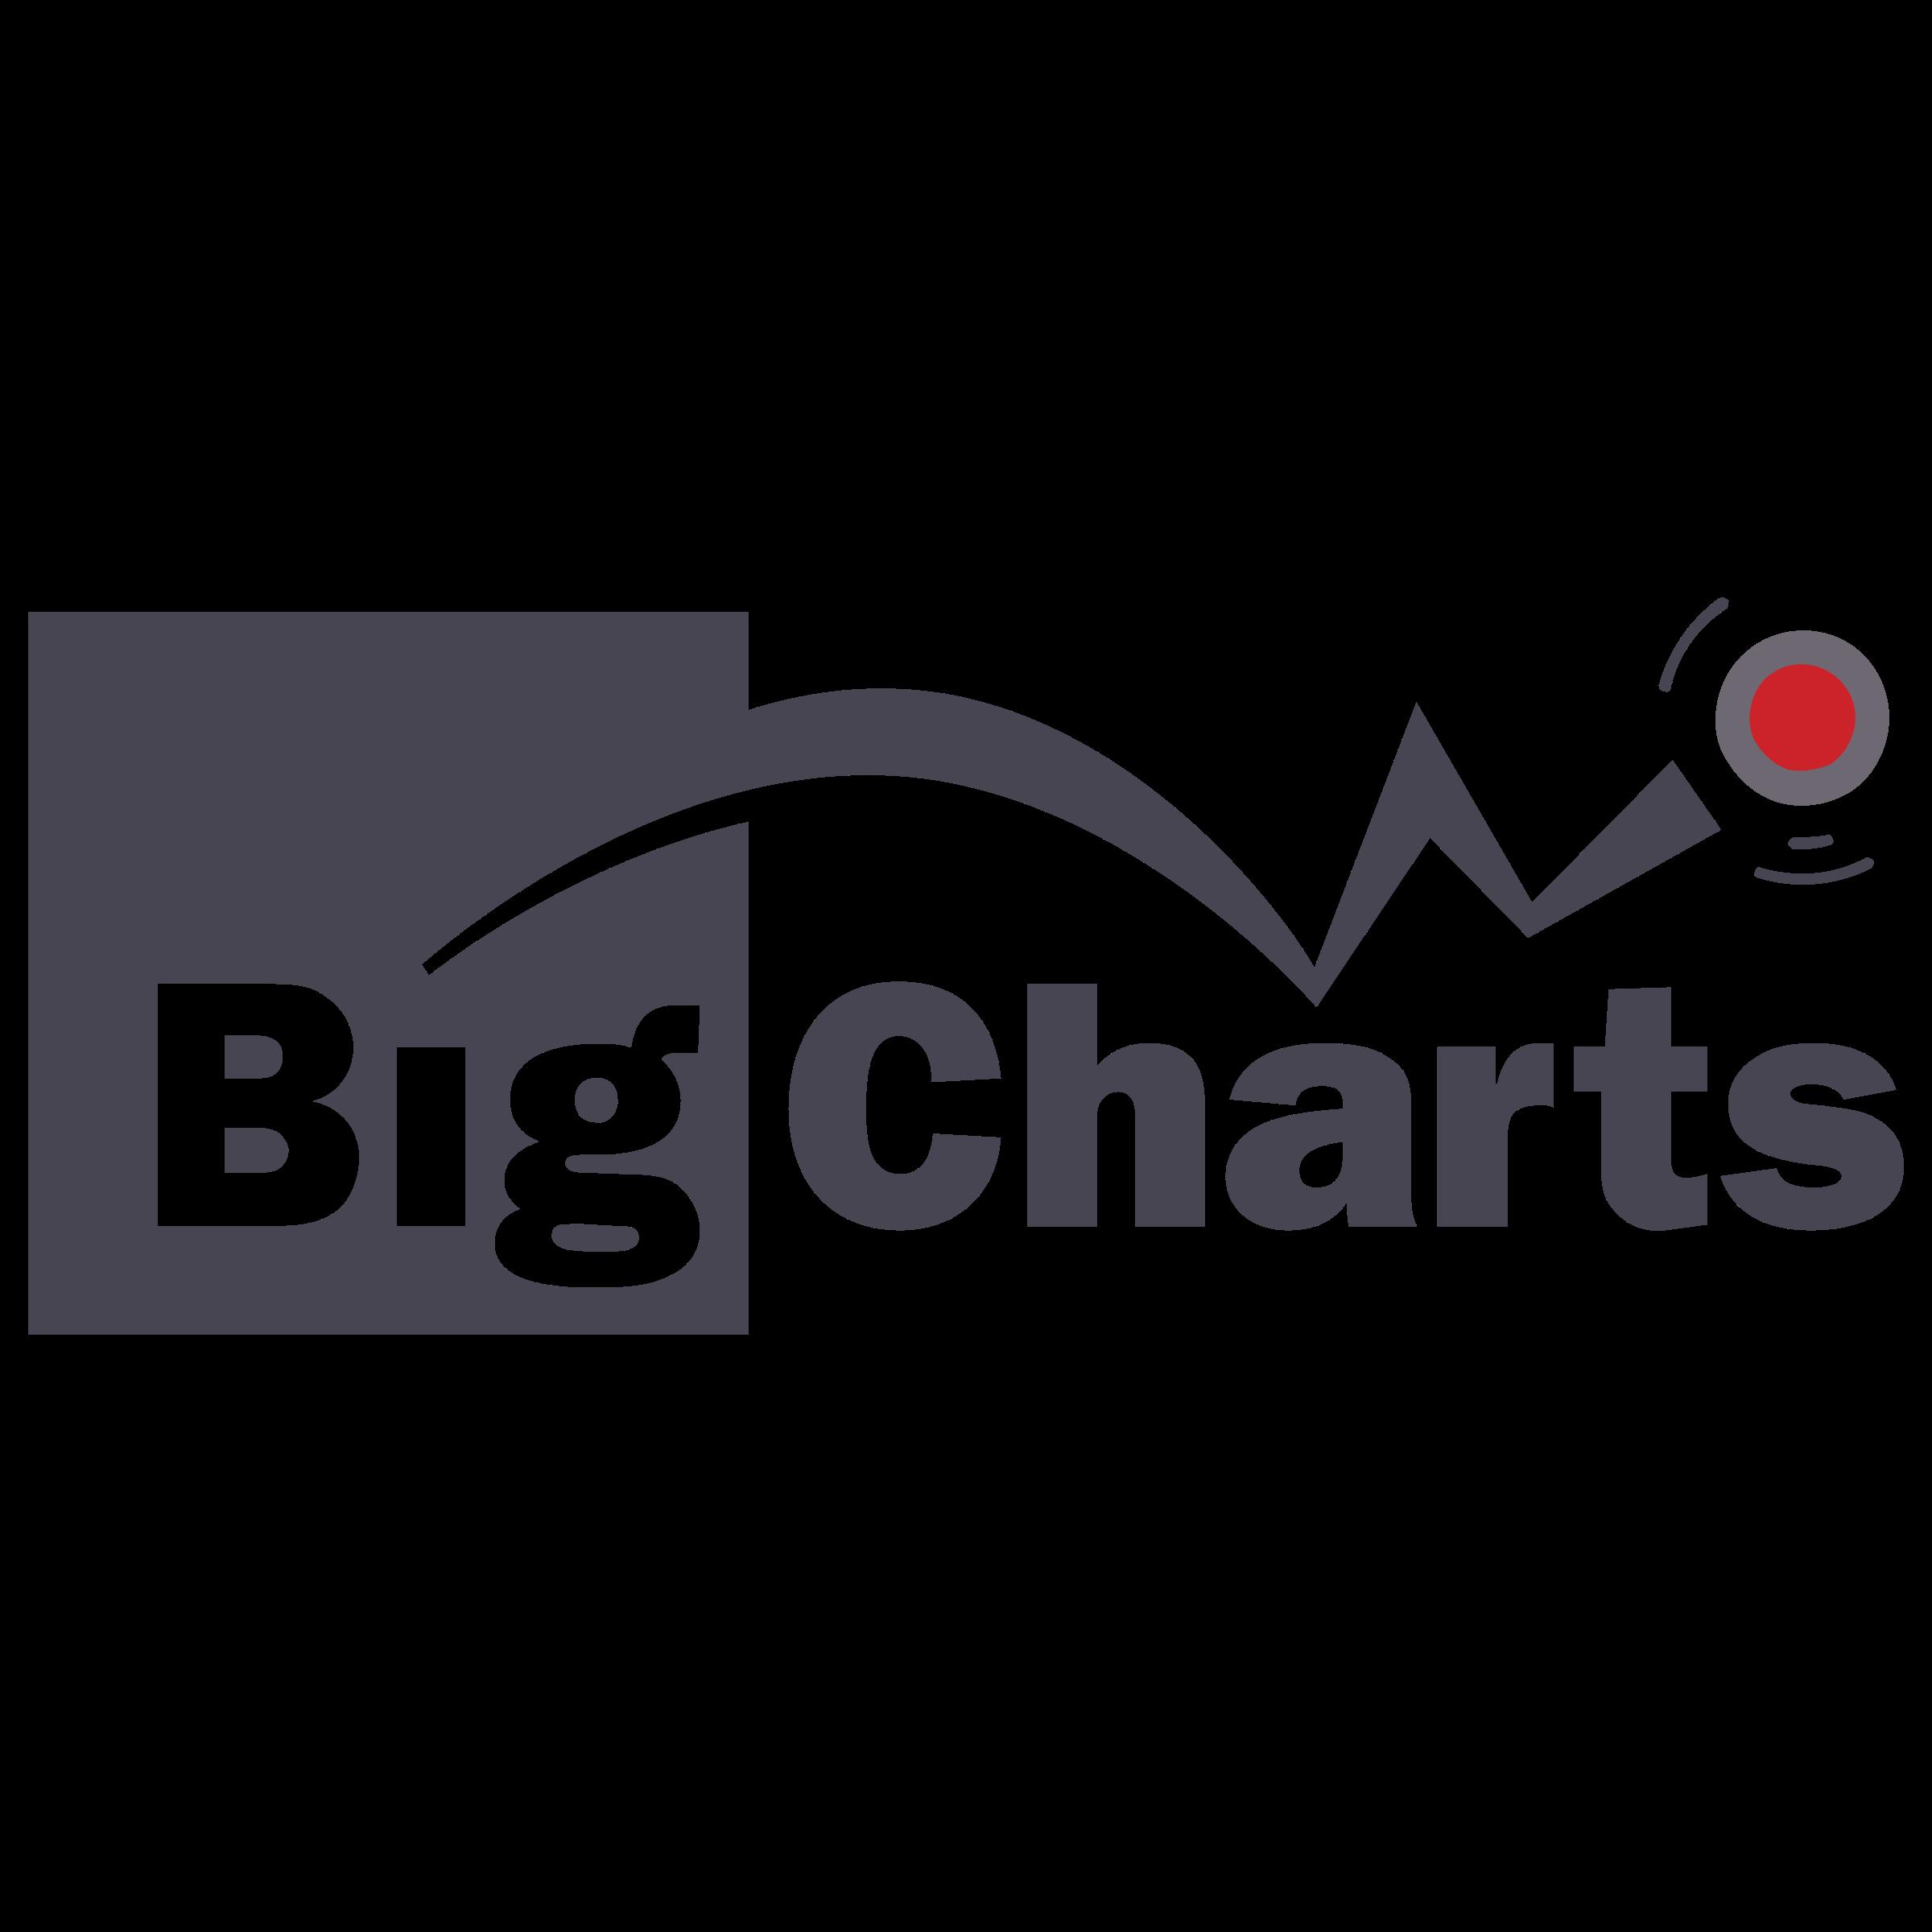 big-charts-logo-png-transparent